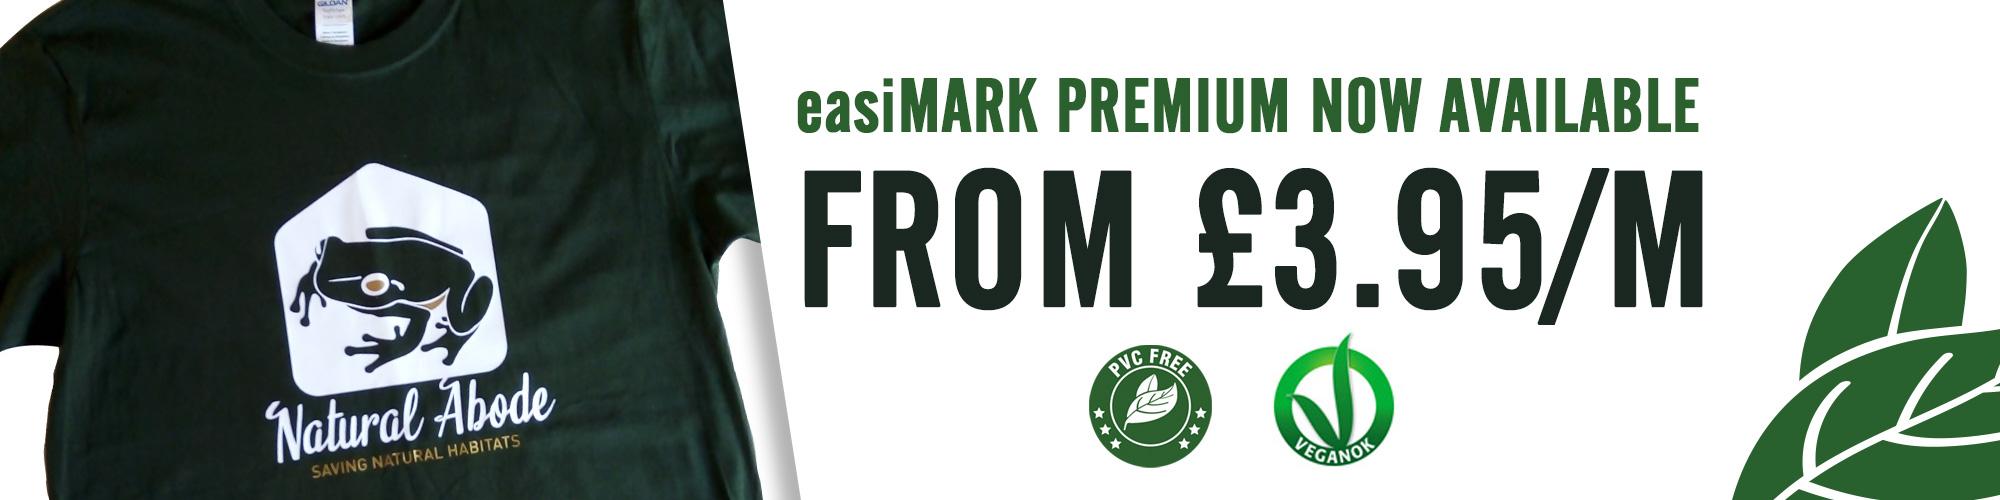 Victory Design - easiMARK Premium